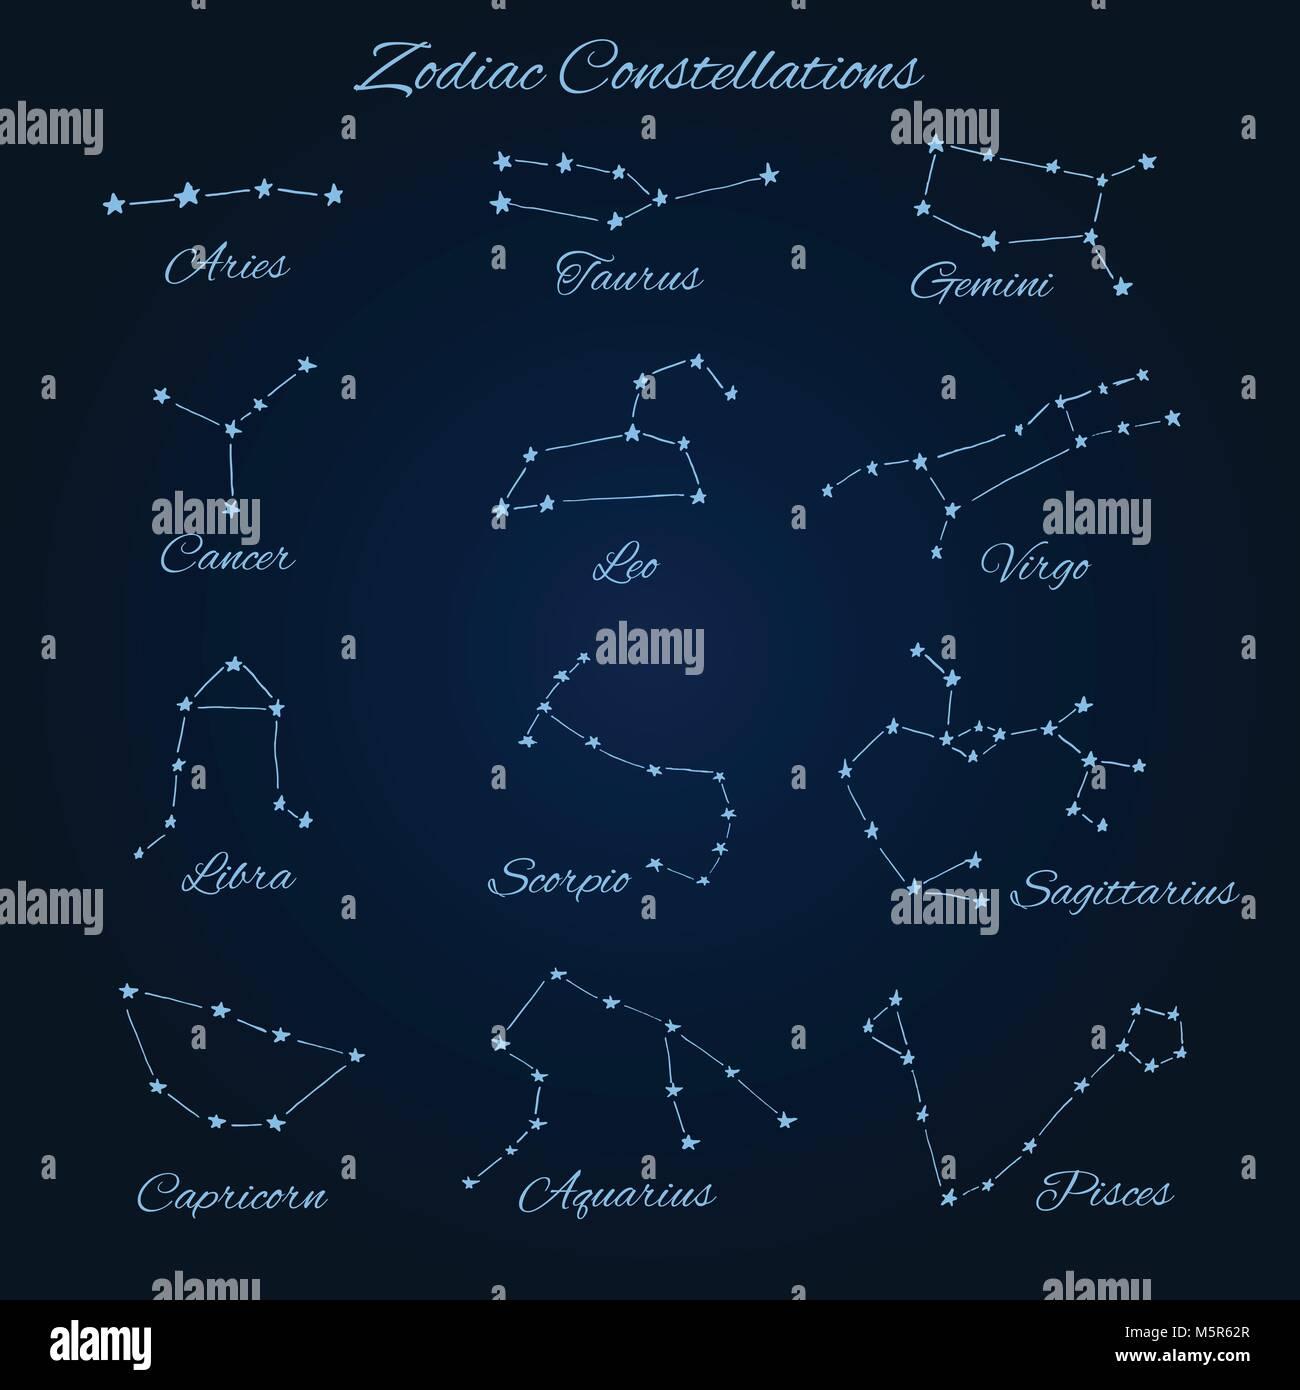 Capricorn And Aquarius Constellations Stock Photos Capricorn And